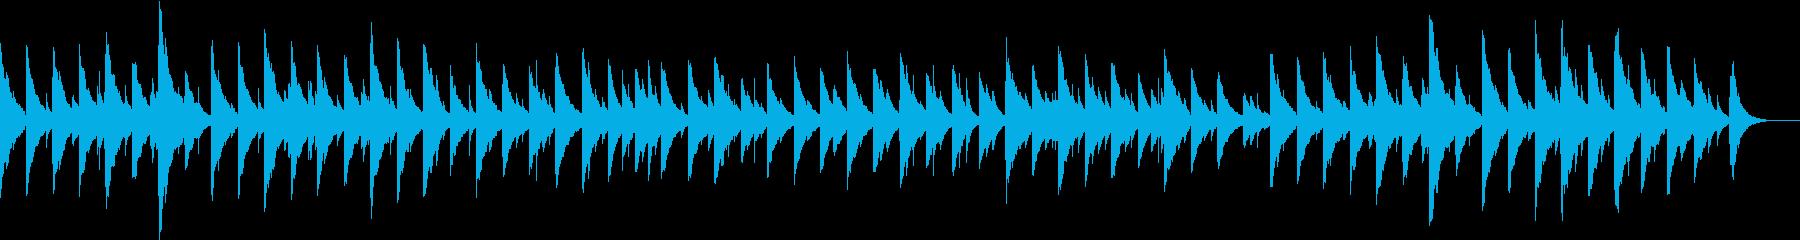 卒業式に流れてそうな癒しのオルゴールの曲の再生済みの波形